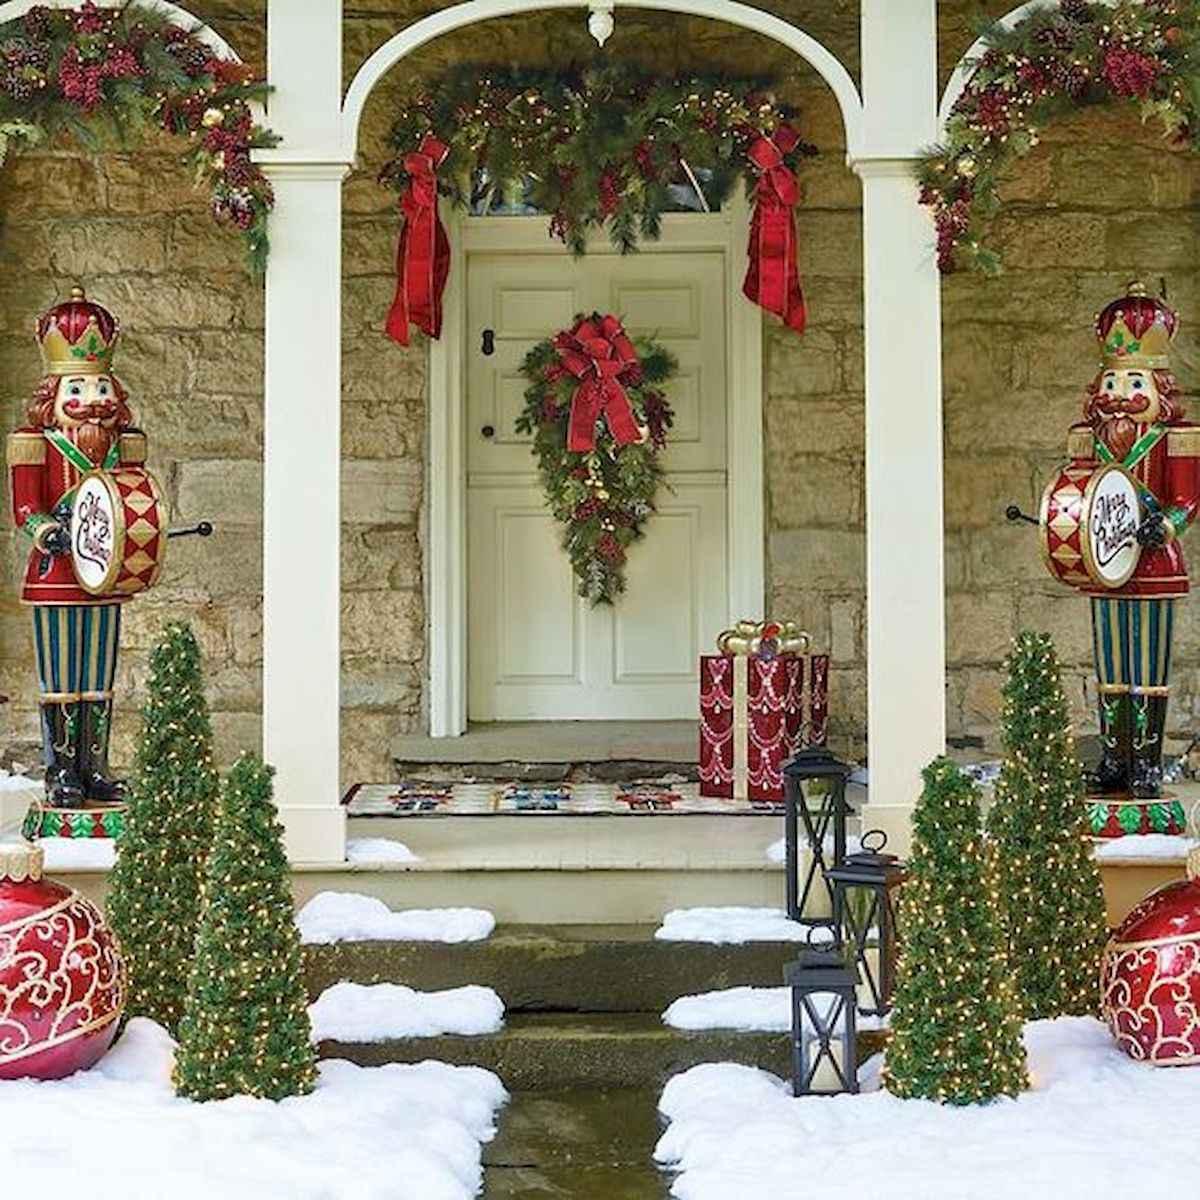 50 front porches farmhouse christmas decorations ideas (15)